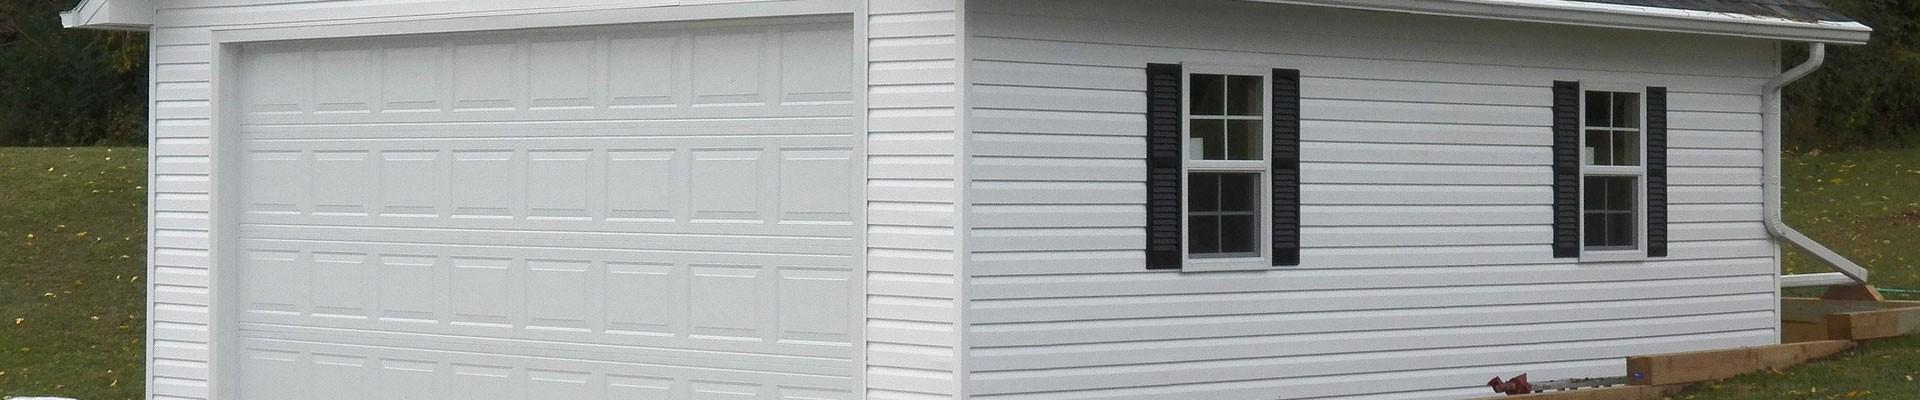 pose de portails portes de garage oloron sainte marie lons. Black Bedroom Furniture Sets. Home Design Ideas